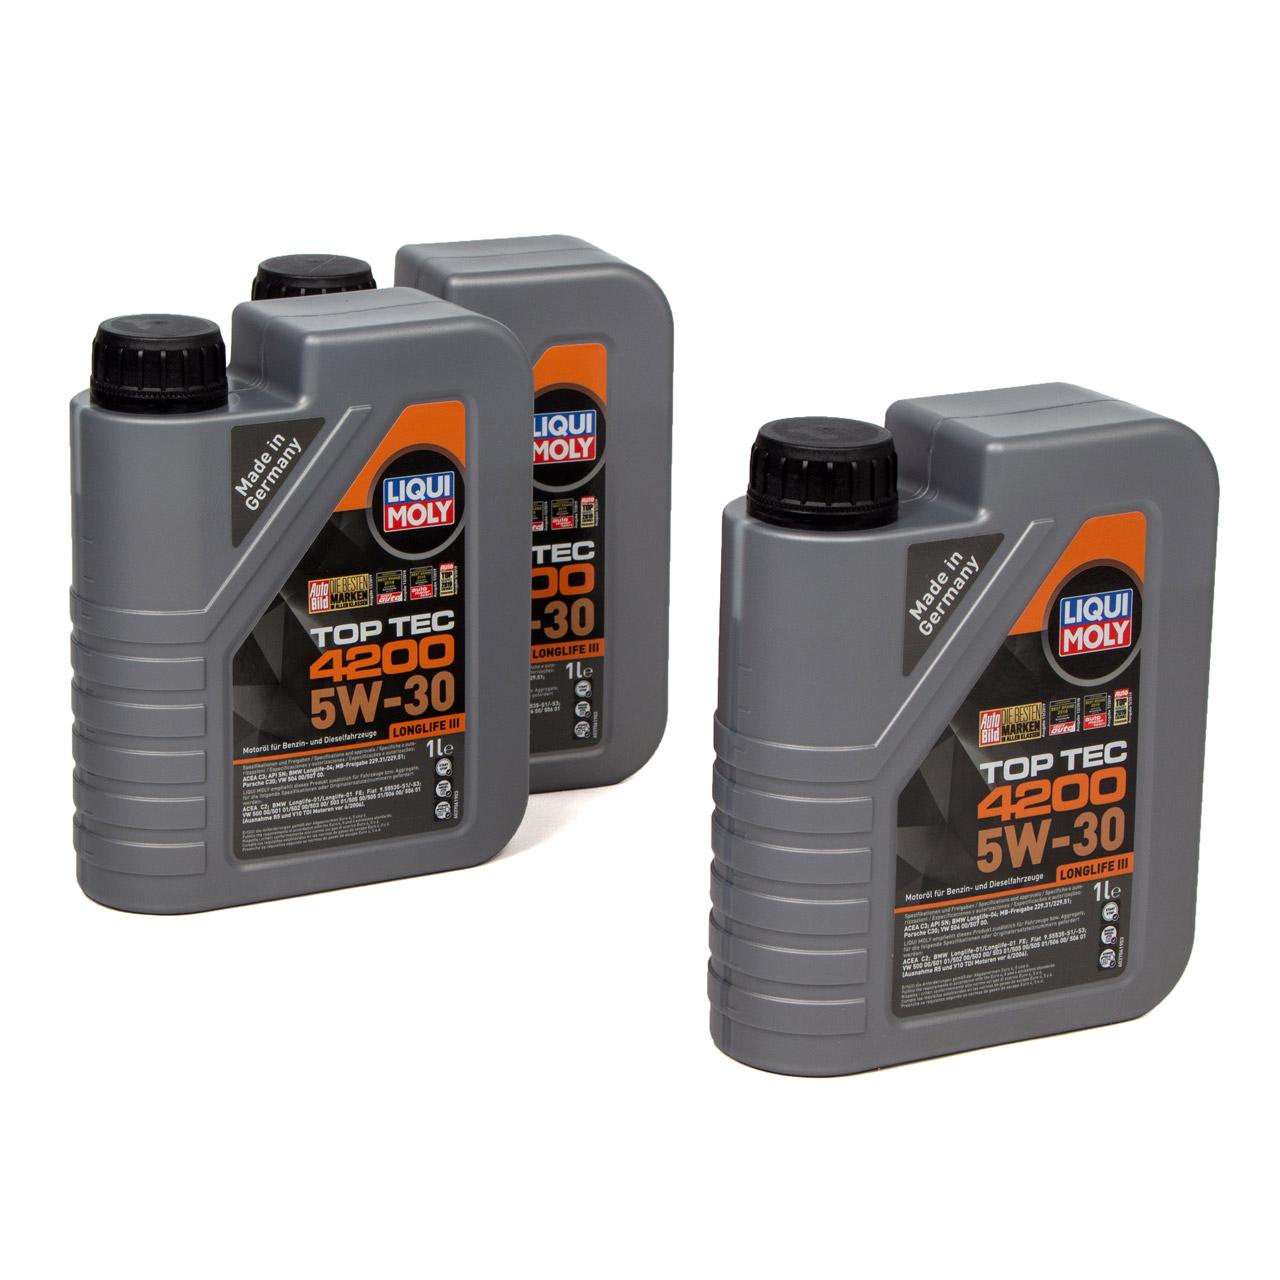 LIQUI MOLY 3L 3 Liter Motoröl Öl TOP TEC 4200 5W30 5W-30 3707 VW 504.00 507.00